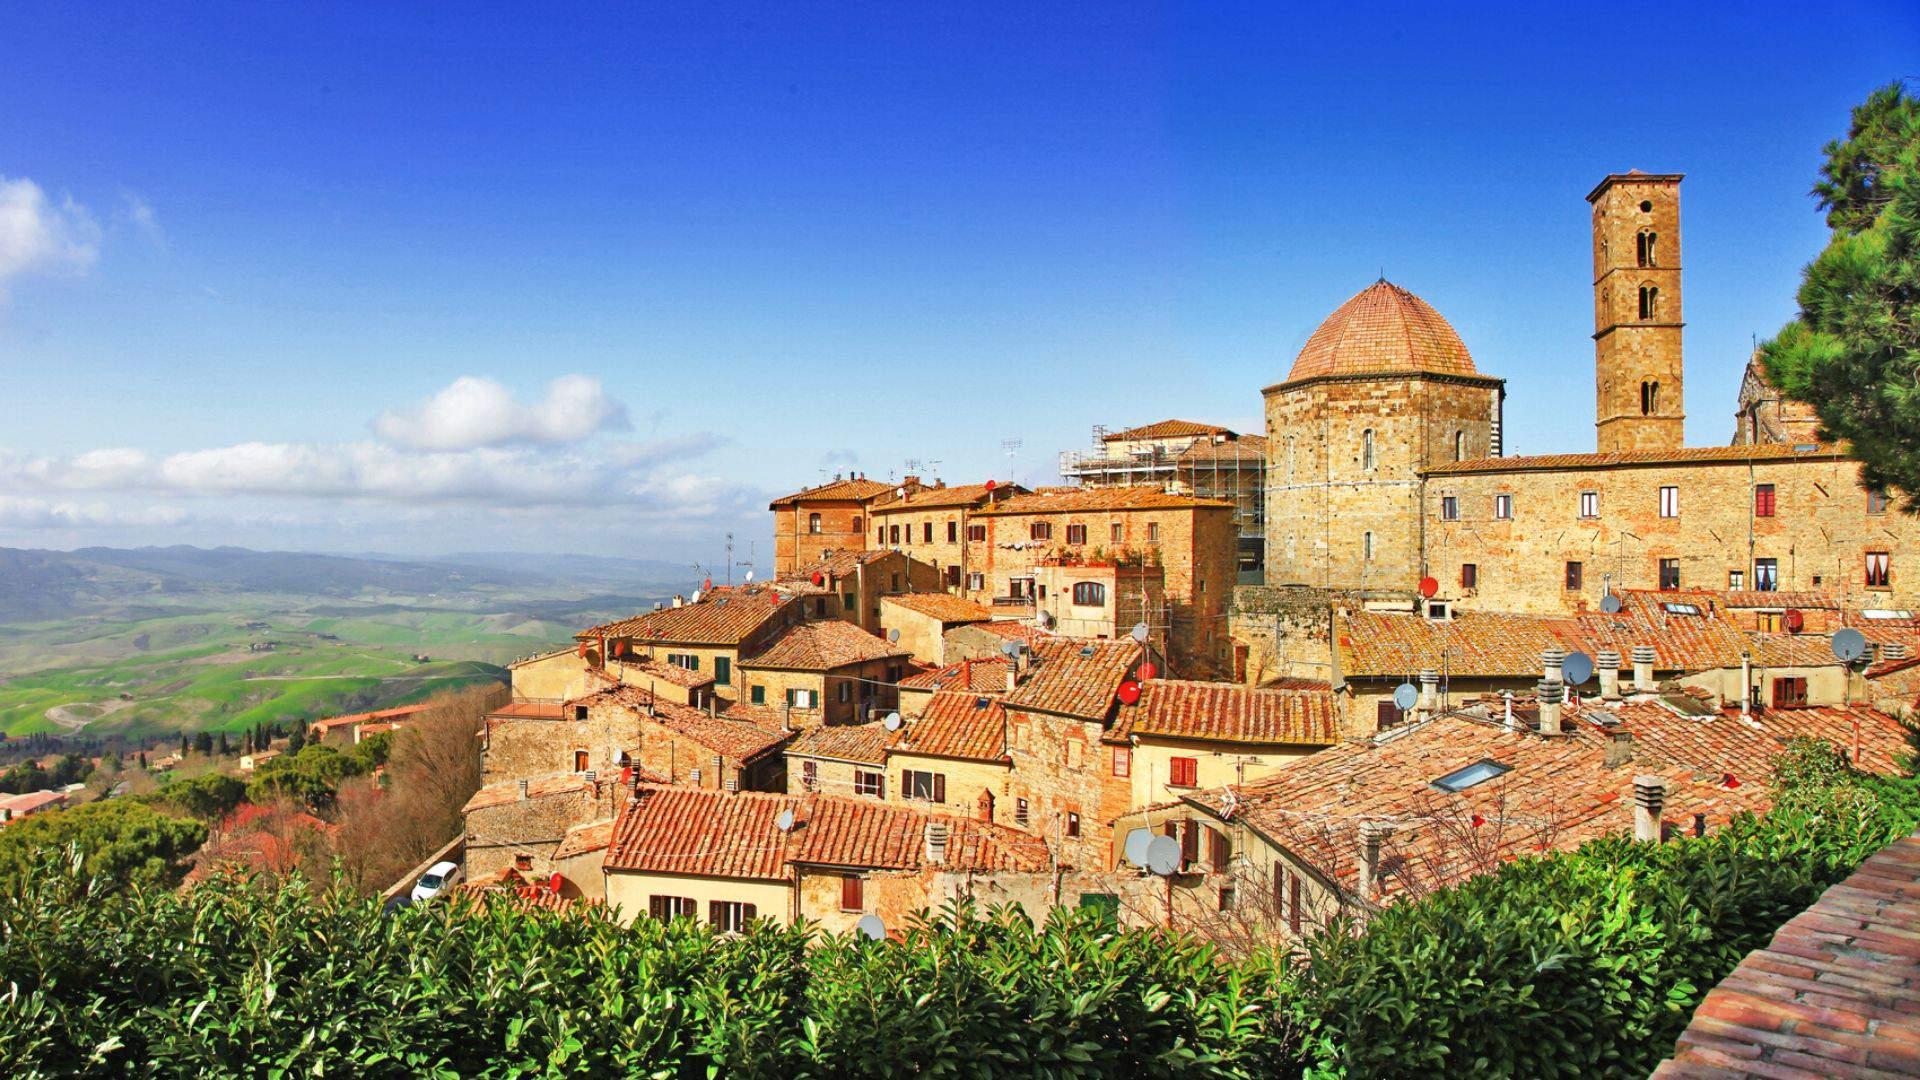 Trumpa kelionė į Italiją – nuostabaus kraštovaizdžio stebėjimui